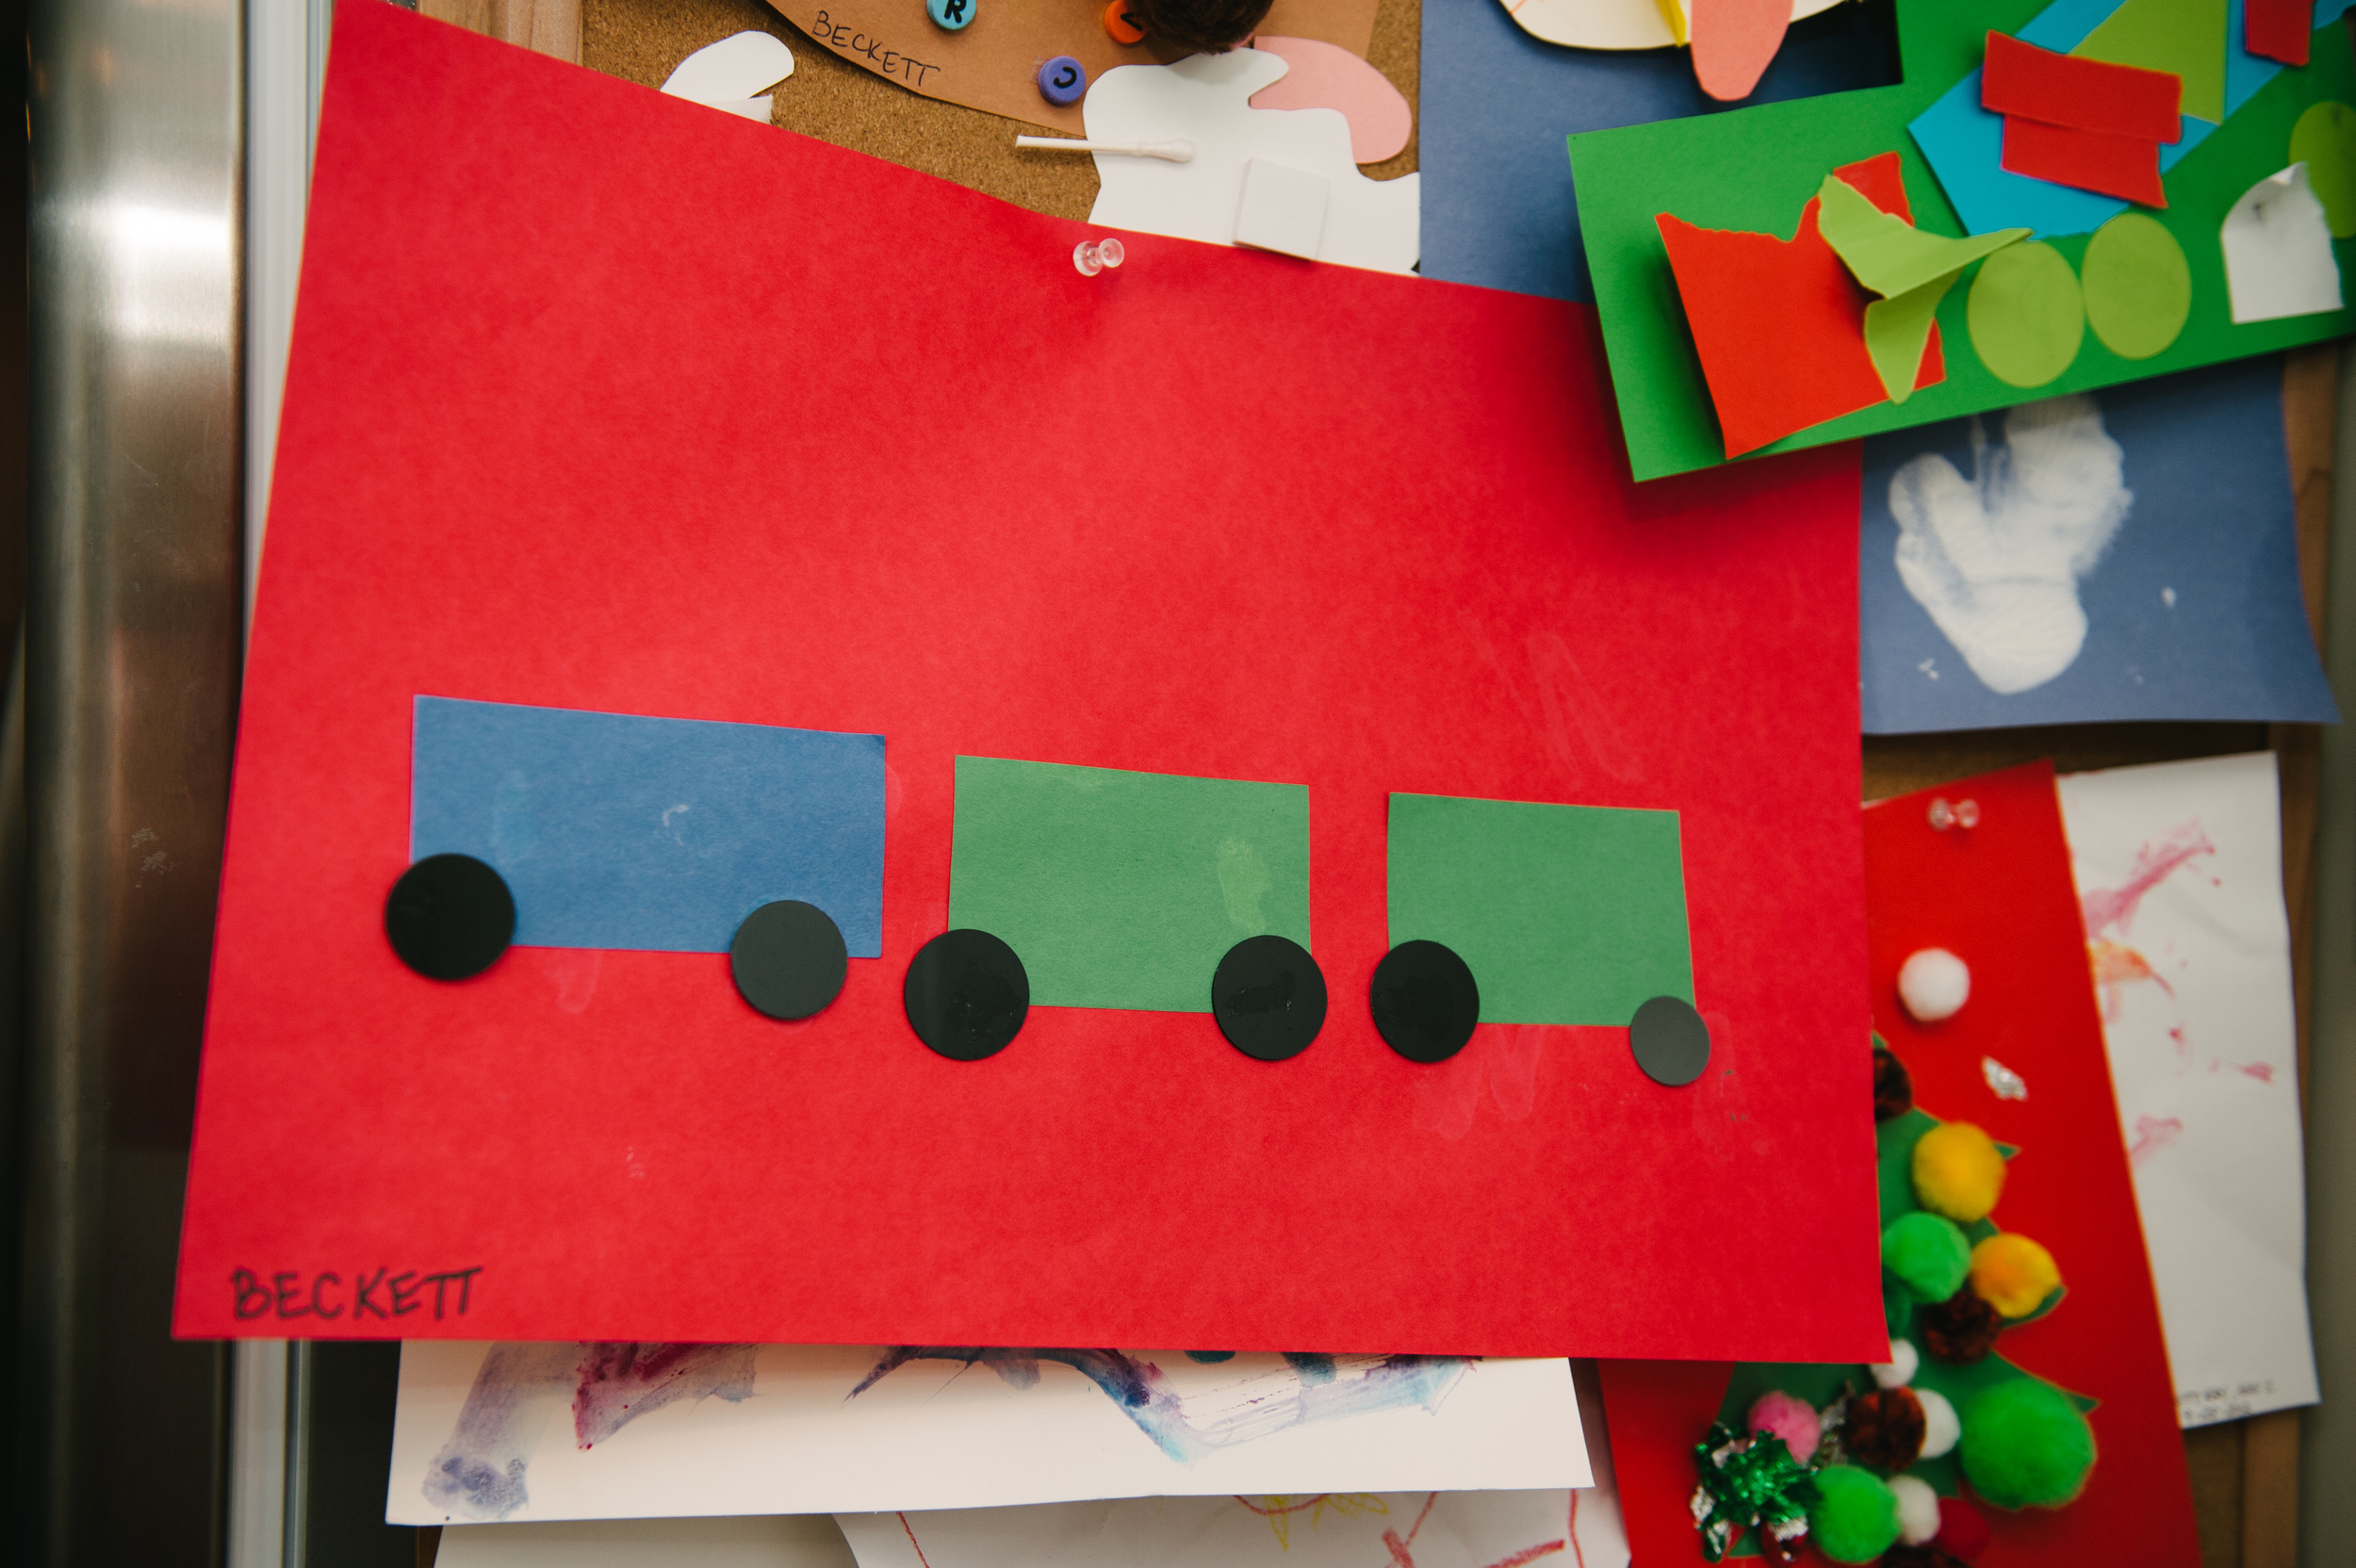 Beckett's Christmas Train from Preschool